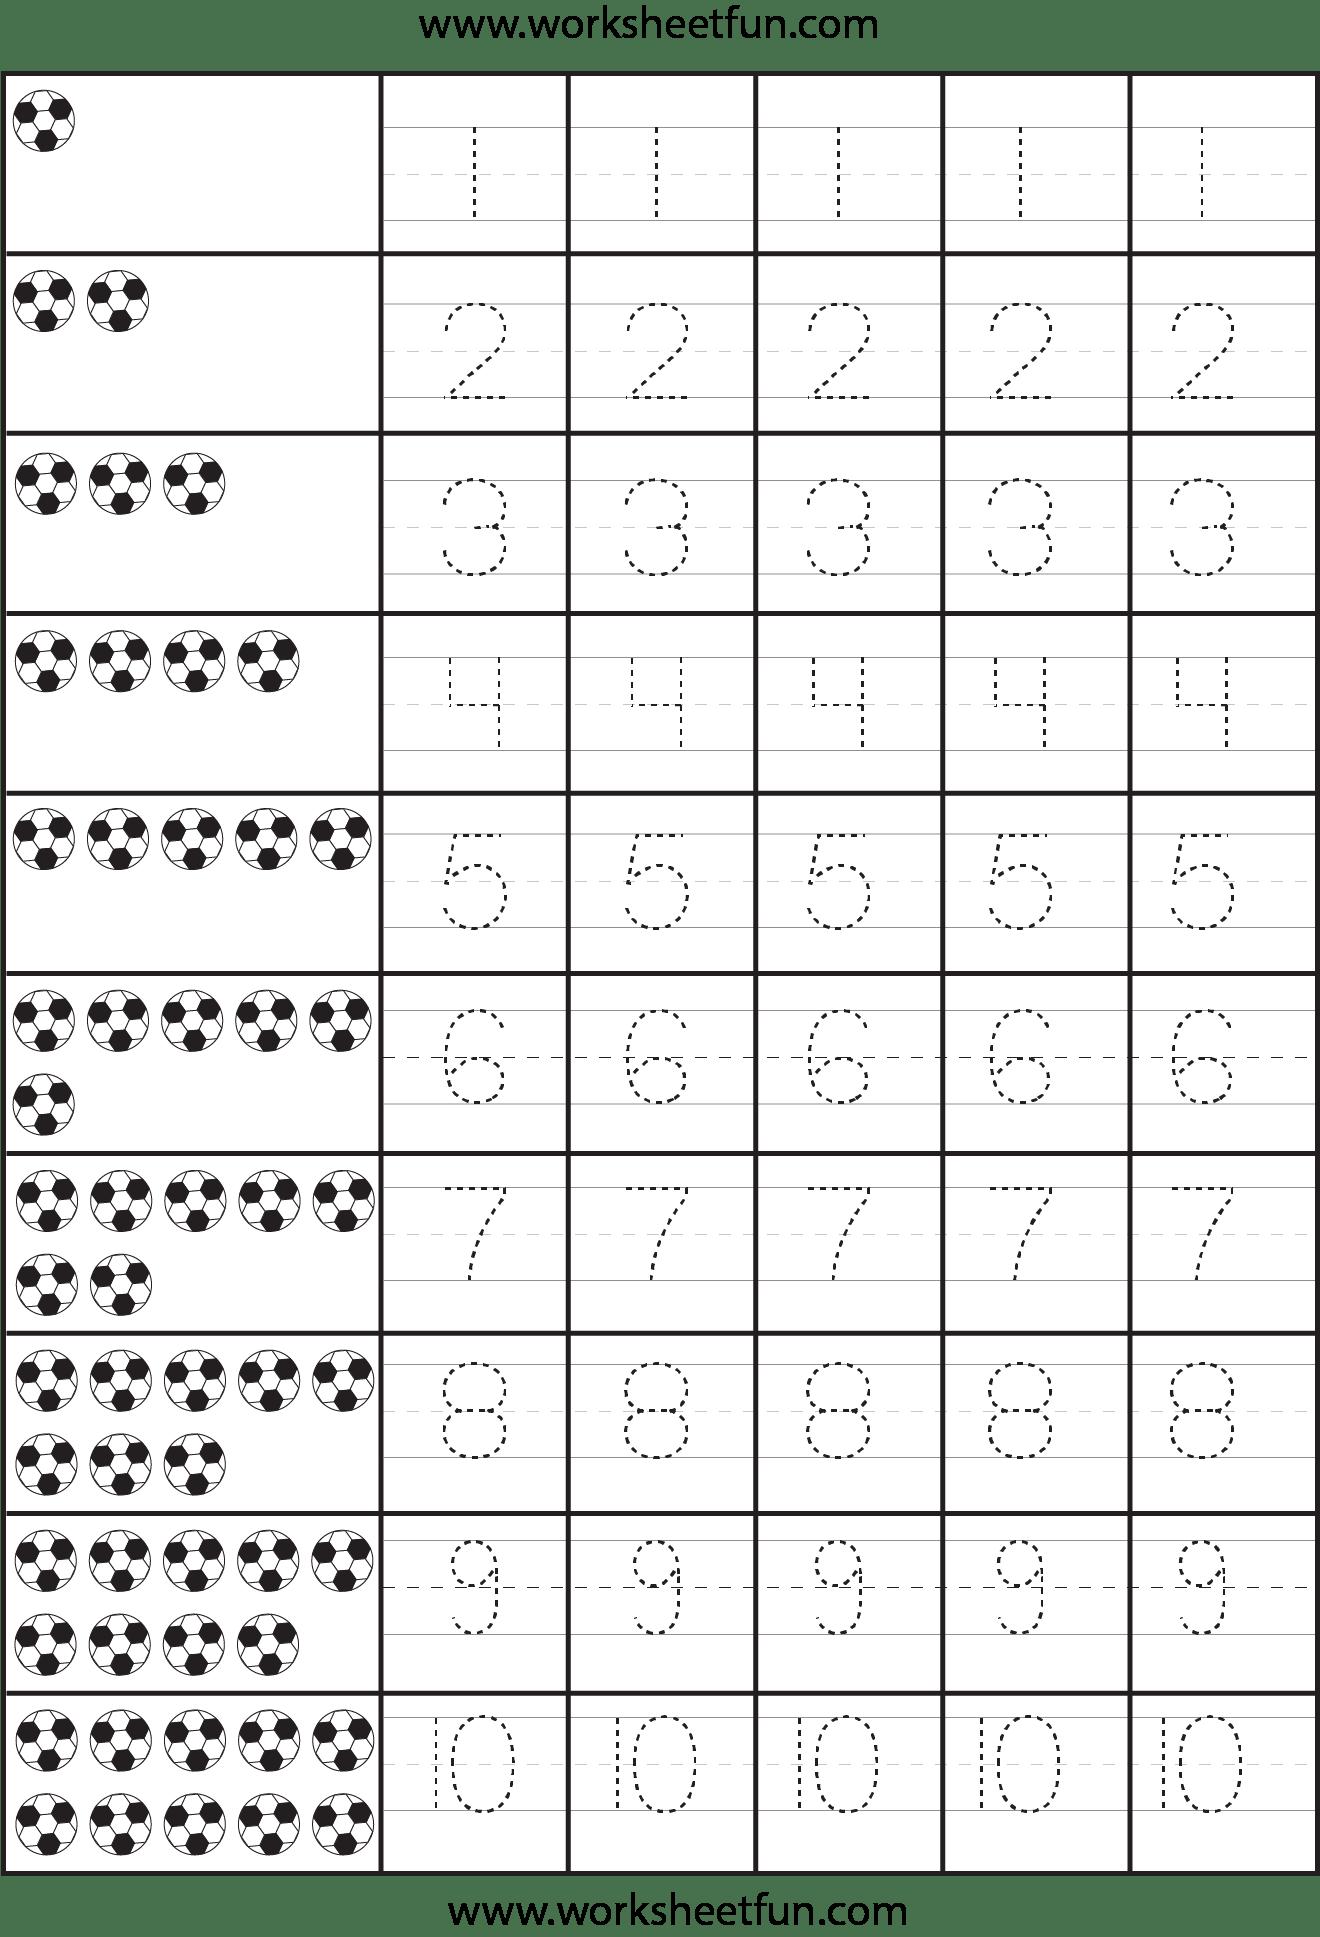 Number Tracing 1 Worksheet Free Printable Worksheets Worksheetfun